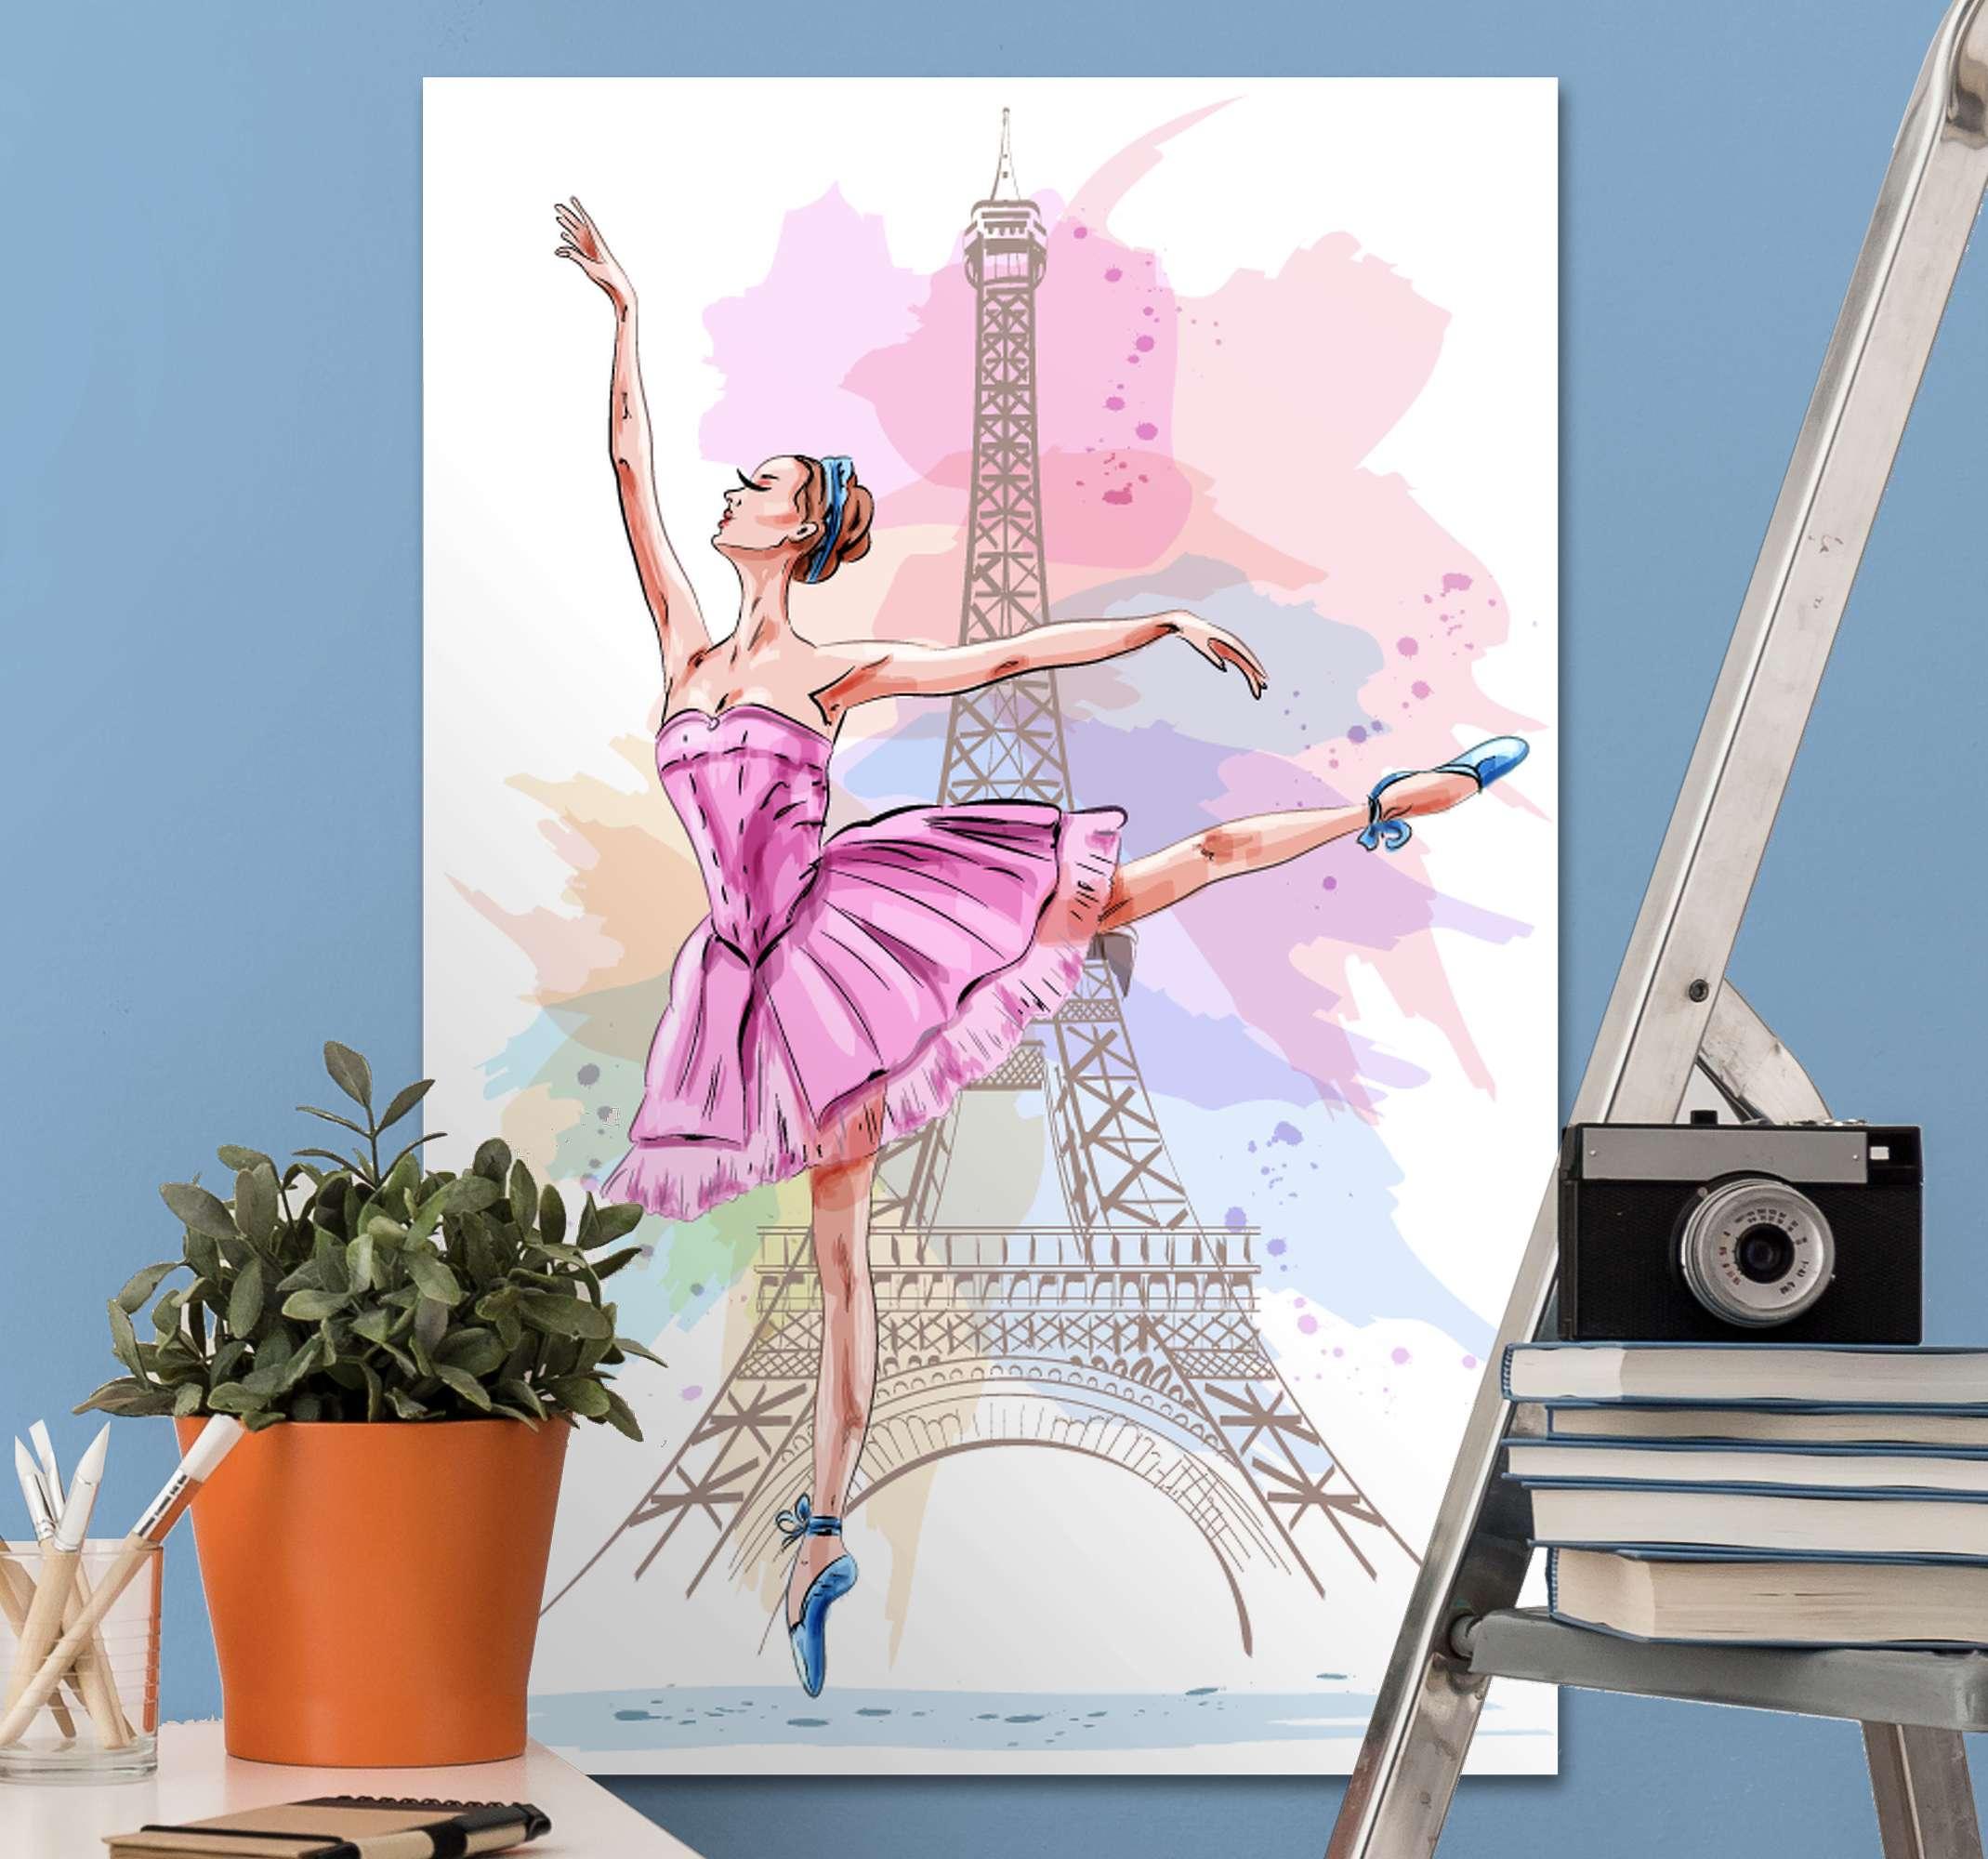 Tenstickers. Ballerina i paris canvas väggkonst. Brinner för klassisk dans? Den här väggkonstduken är för dig! Denna cancas kommer att se fantastisk ut i alla rum! Hemleverans!